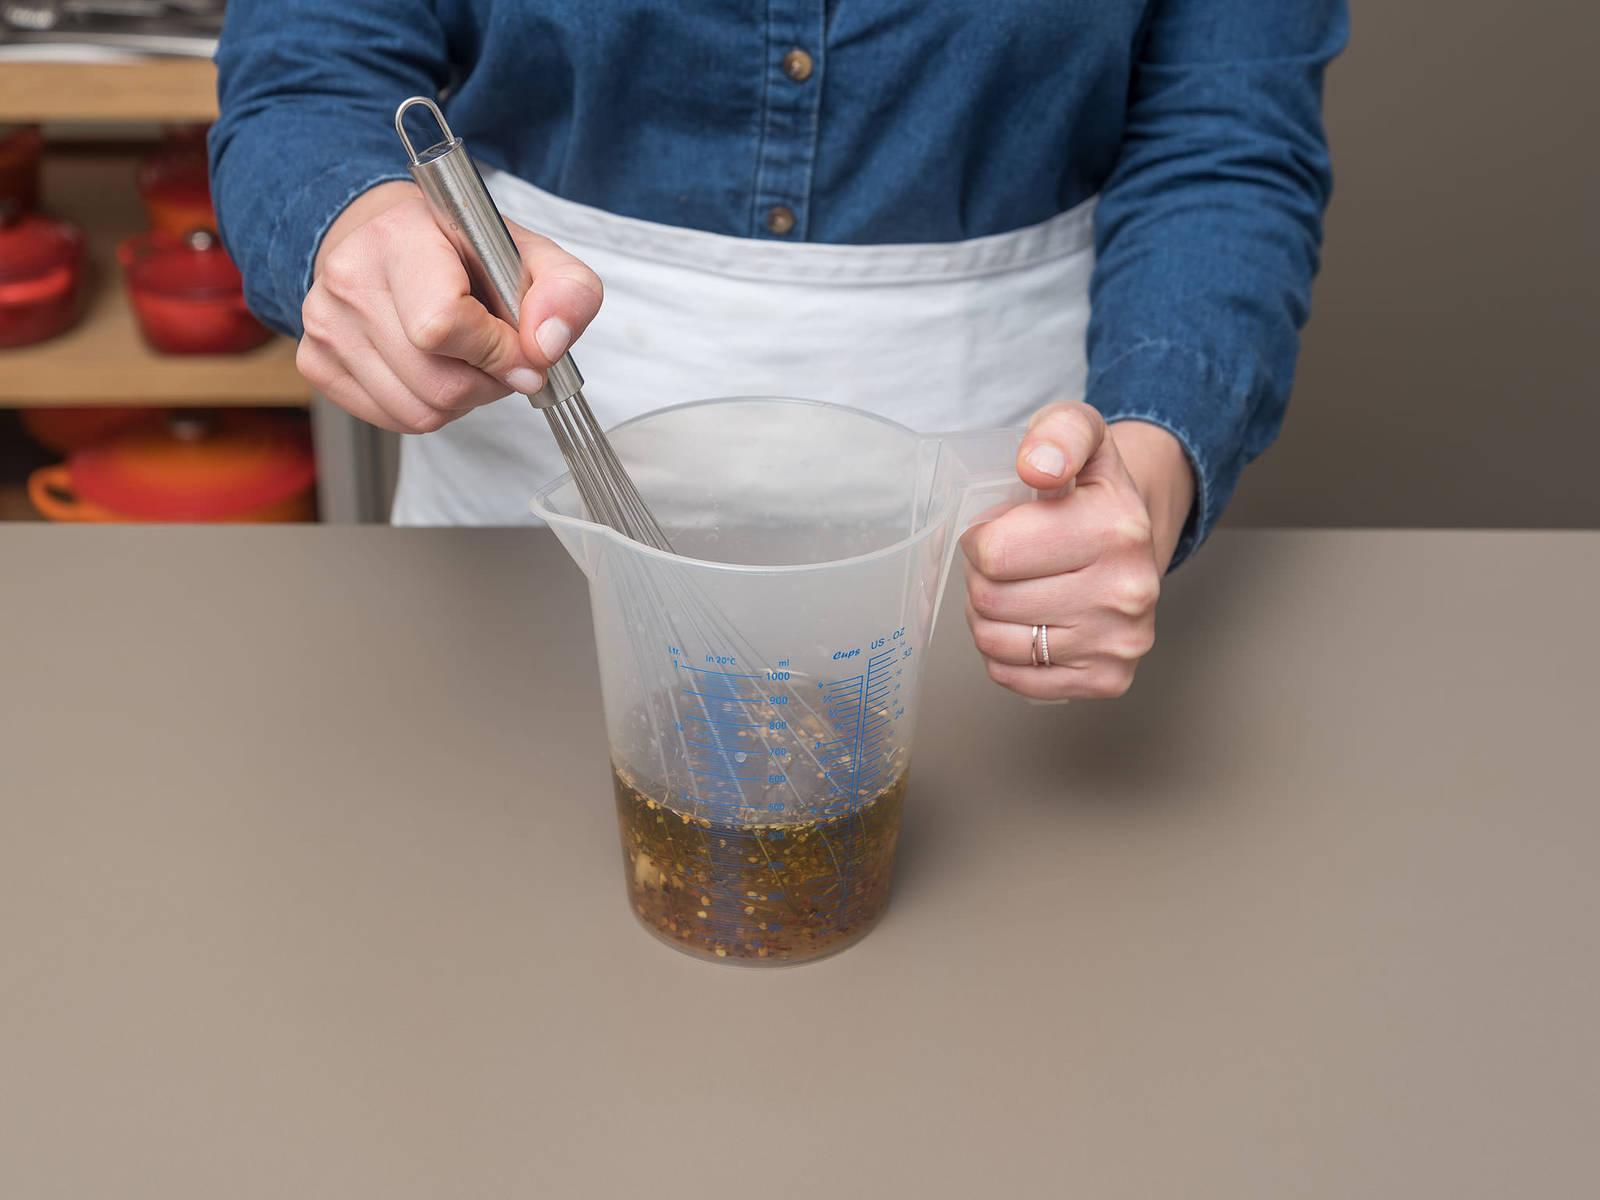 Olivenöl, Weißwein, Oregano, Chiliflocken und zerdrückten Knoblauch in einem großen Messbecher vermengen. Mit Salz und Pfeffer würzen. Die Mischung über die Artischocken gießen und darauf achten, dass sie sich zwischen den Artischockenblättern verteilt. Mit Aluminiumfolie abdecken und ca. 45 Min. bei 260°C backen.